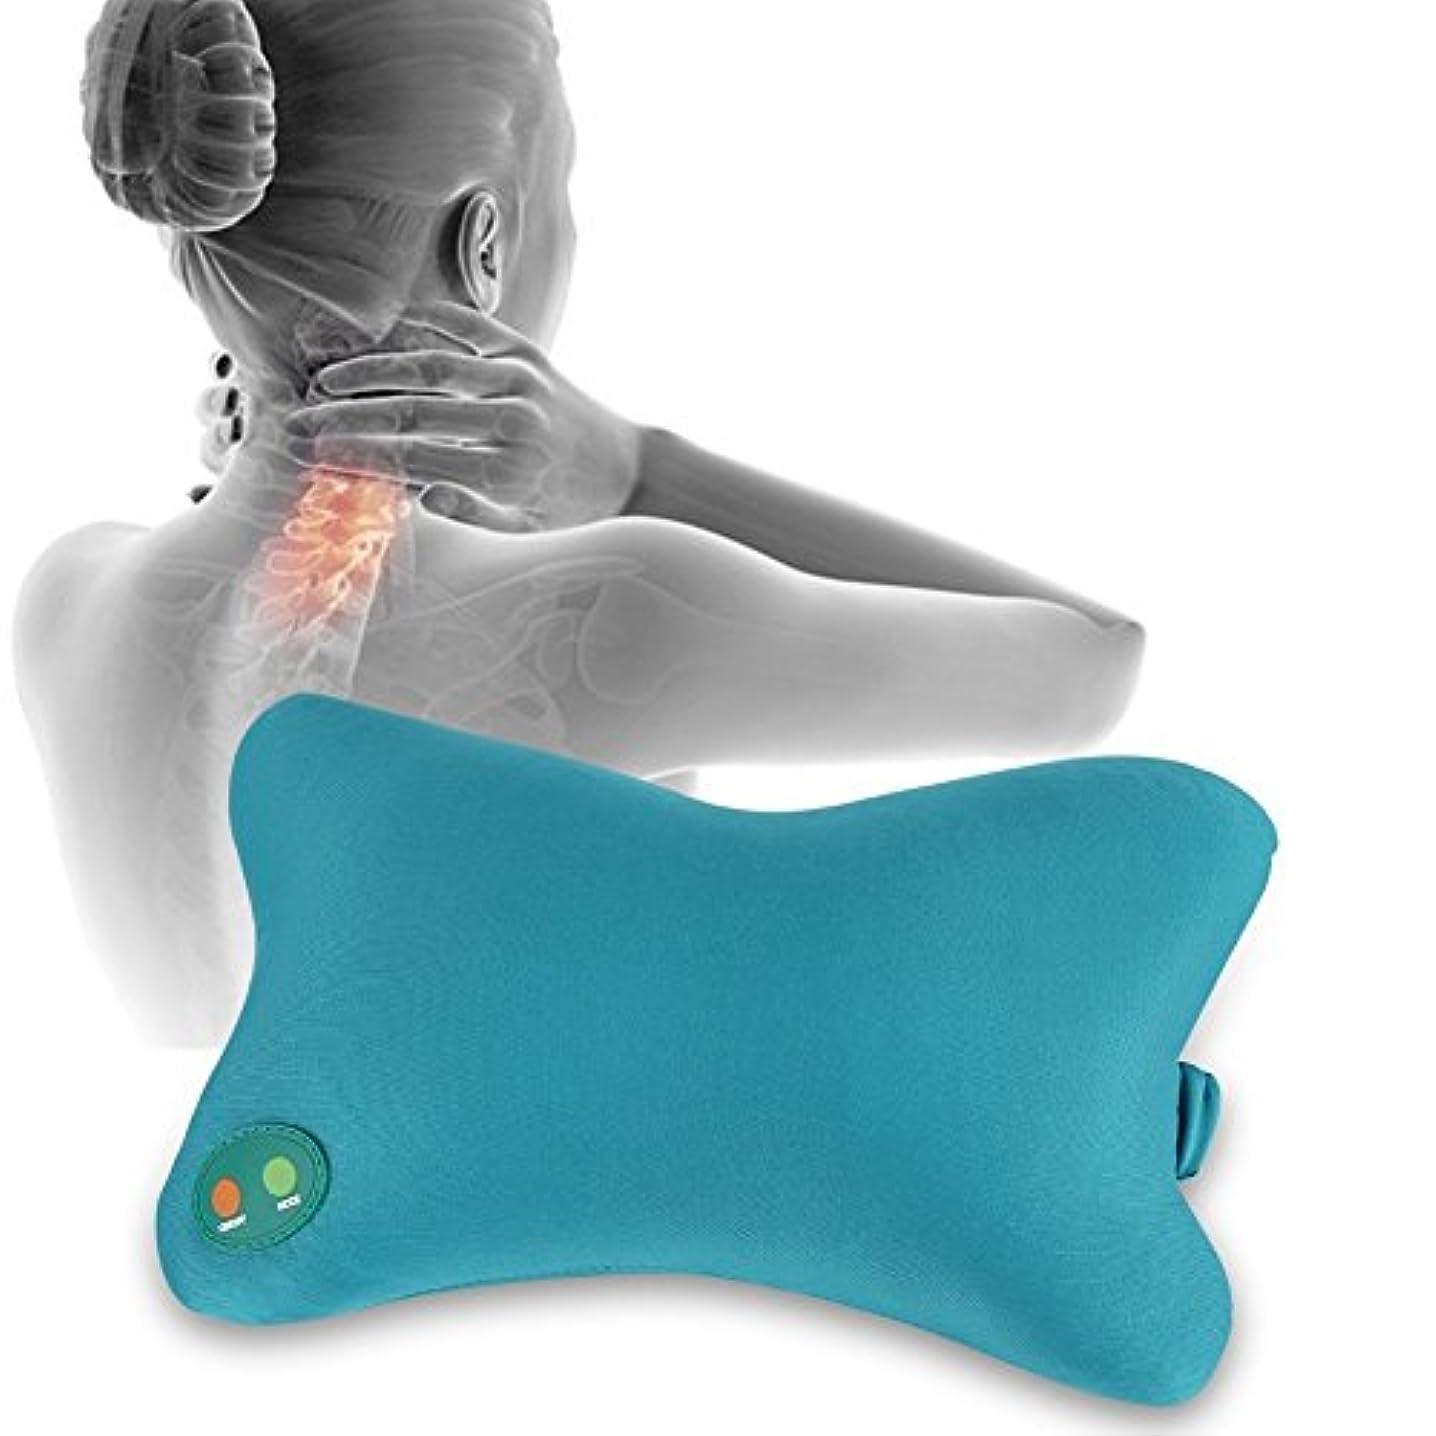 徐々に保存再撮りマッサージピロー、背中の痛みを軽減するための柔らかい電気ネックマッサージの刺激のクッション車のオフィスホームナップの使用、CEの承認